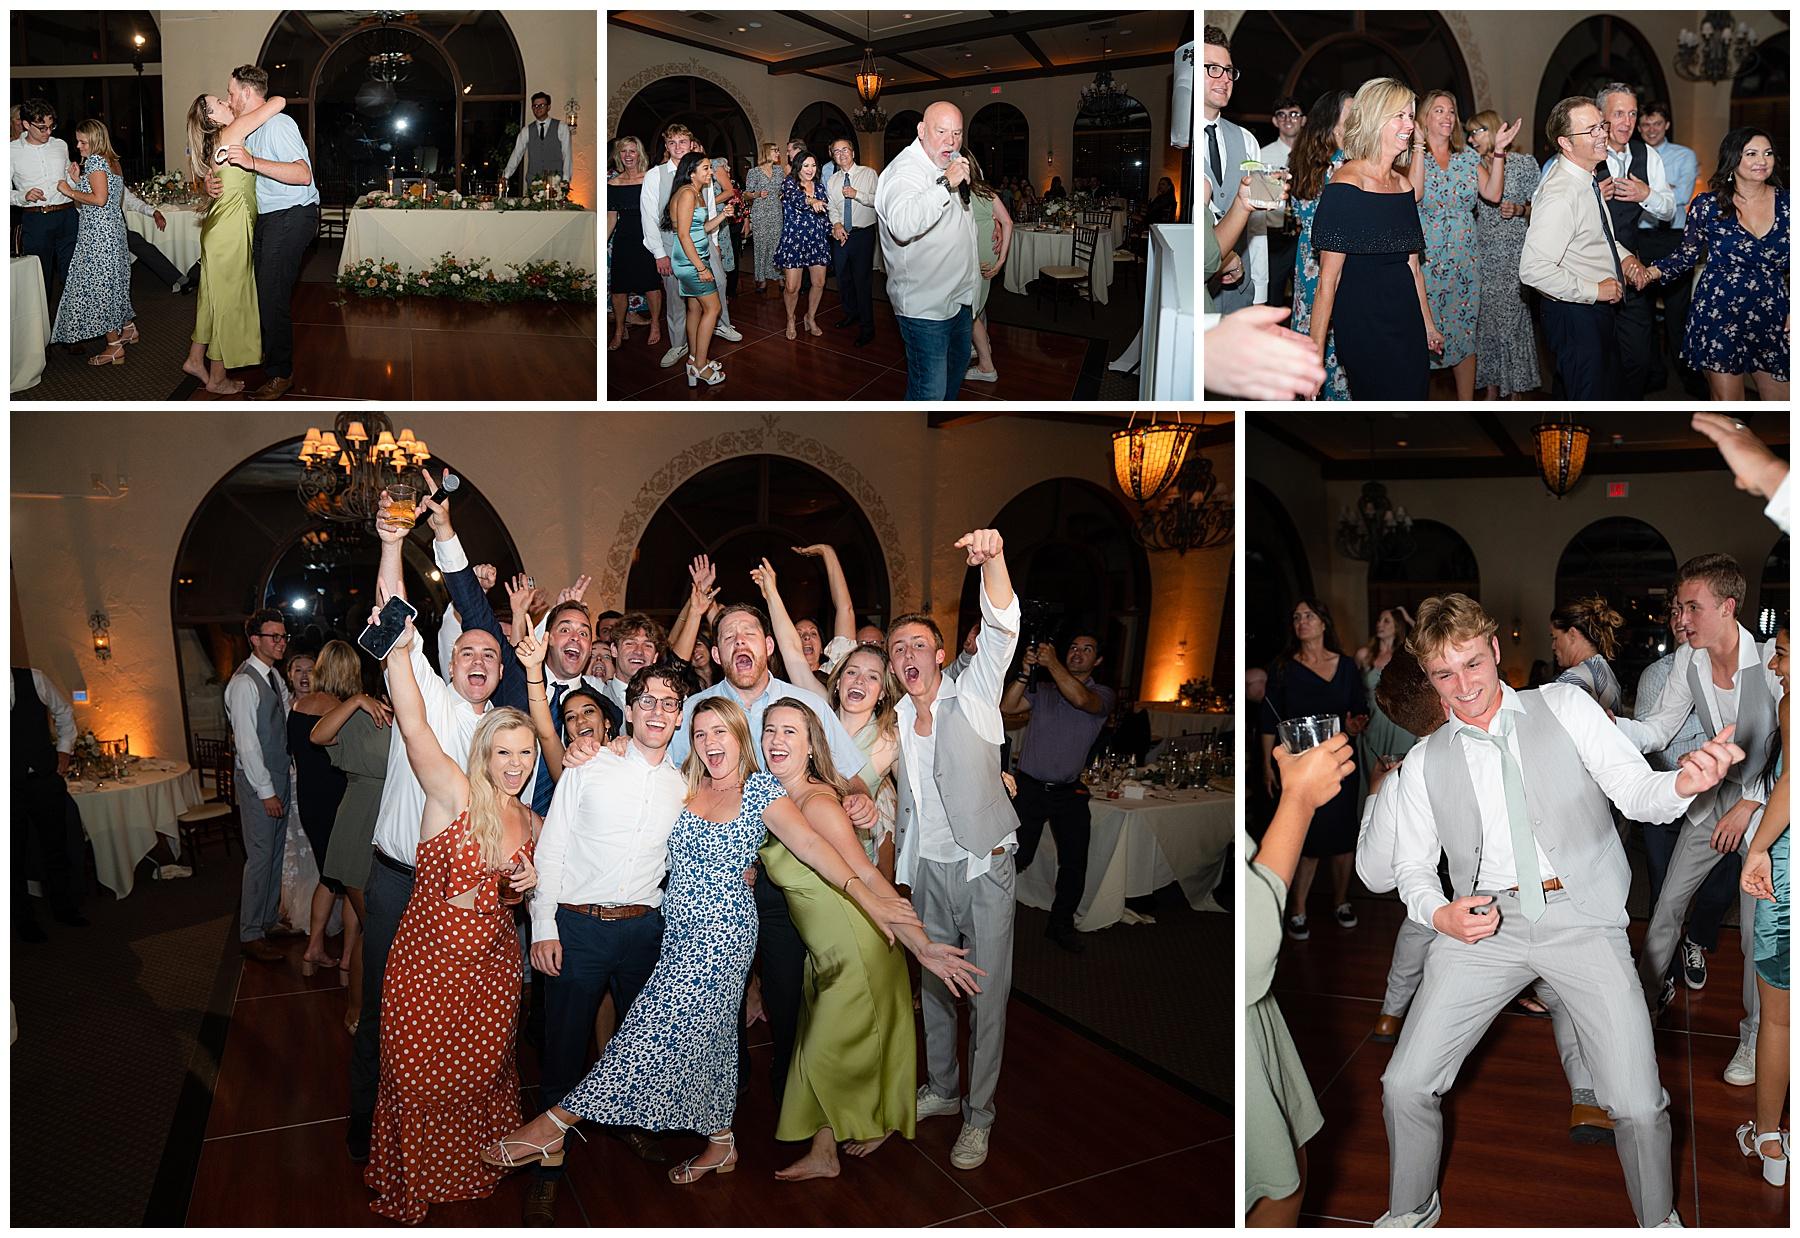 talega golf club wedding reception